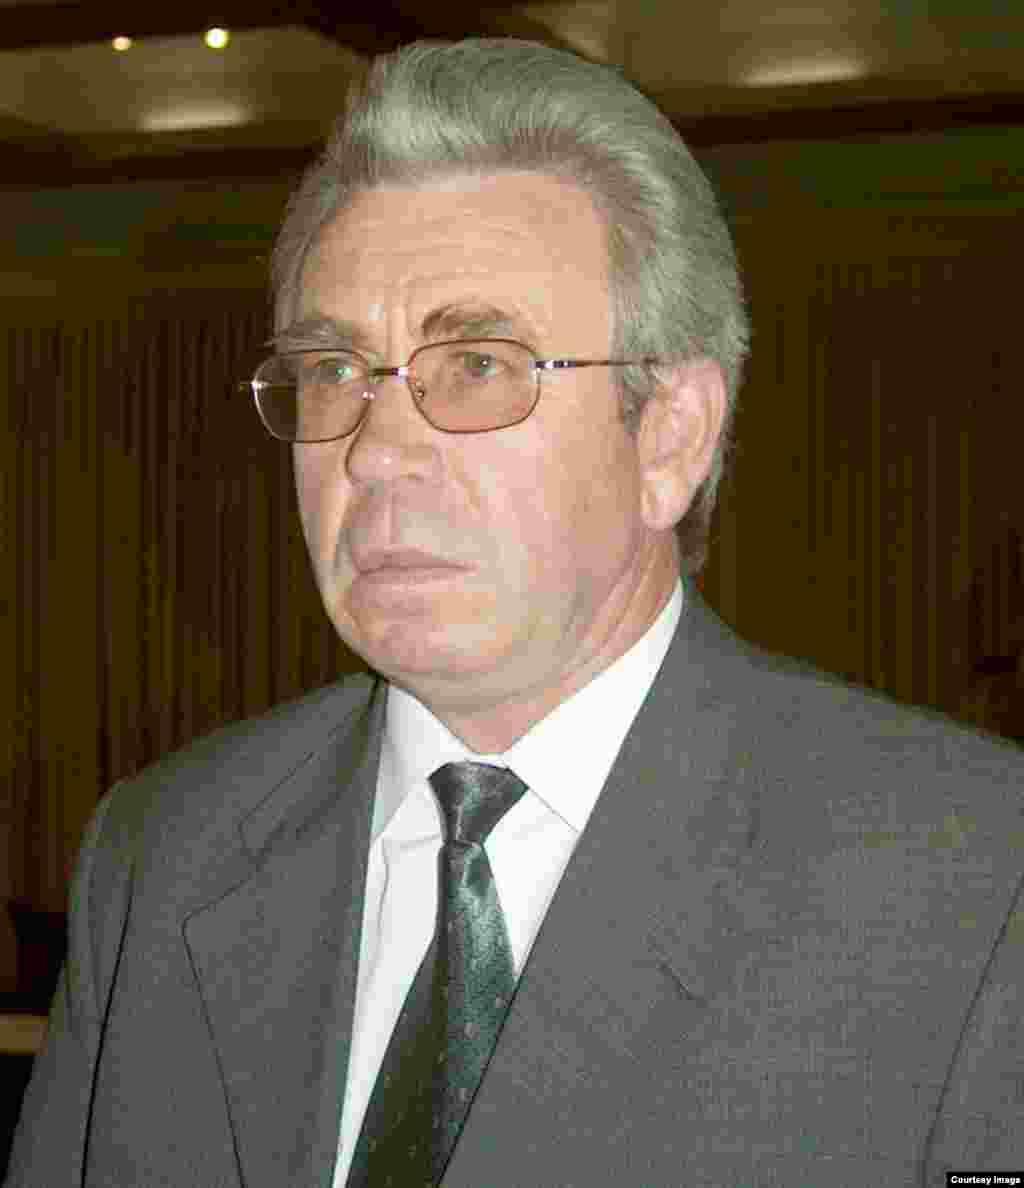 Николай Танаев - 2002 жылғы 22 мамырдан 2005 жылғы 25 наурызға дейін премьер-министр қызметін атқарған.